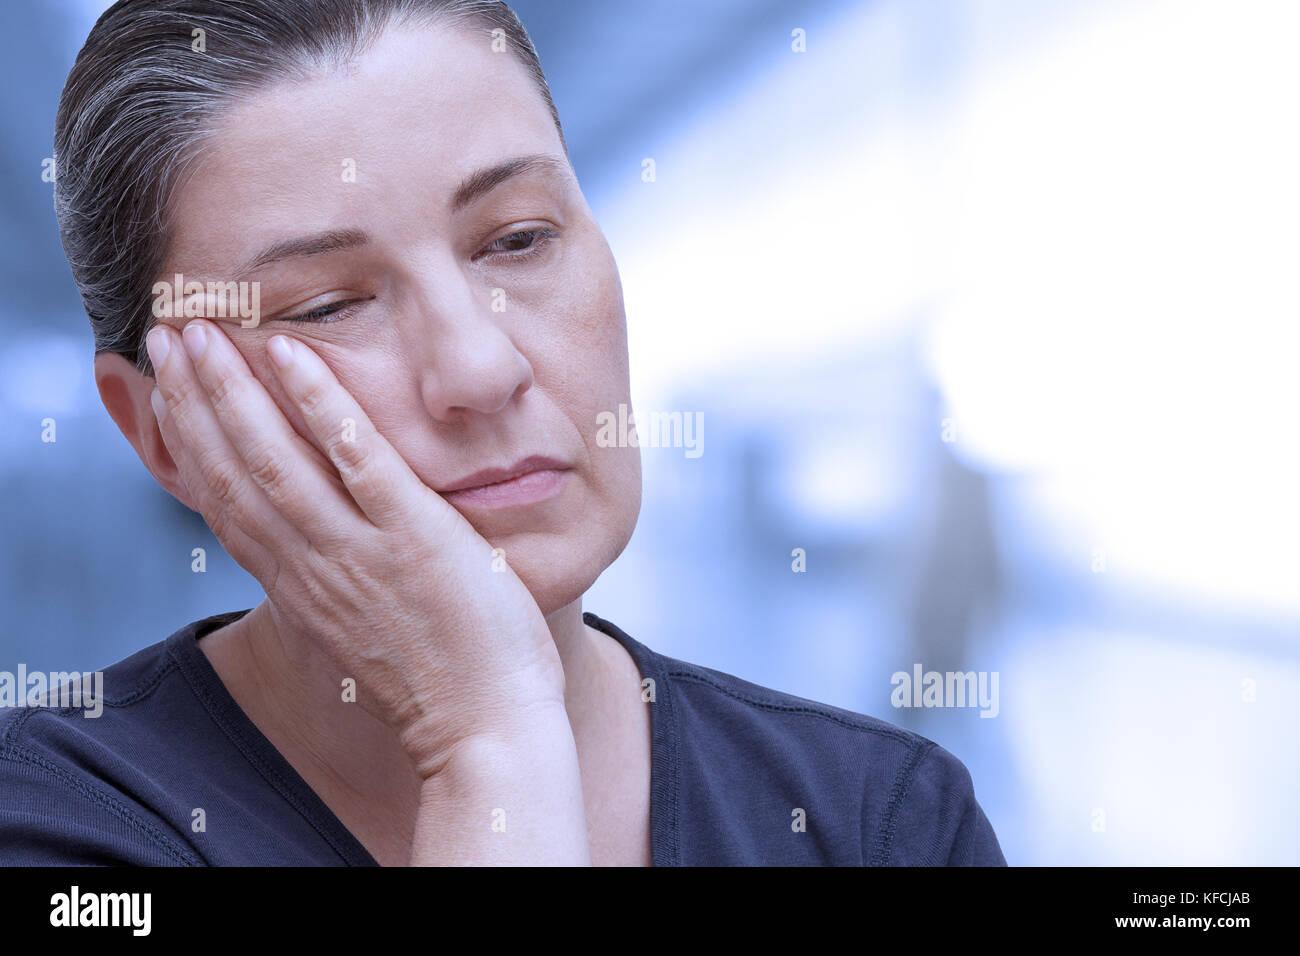 Donna di mezza età quasi addormentarsi in ufficio. Stanchezza a causa della sindrome da apnea nel sonno, insonnia Immagini Stock